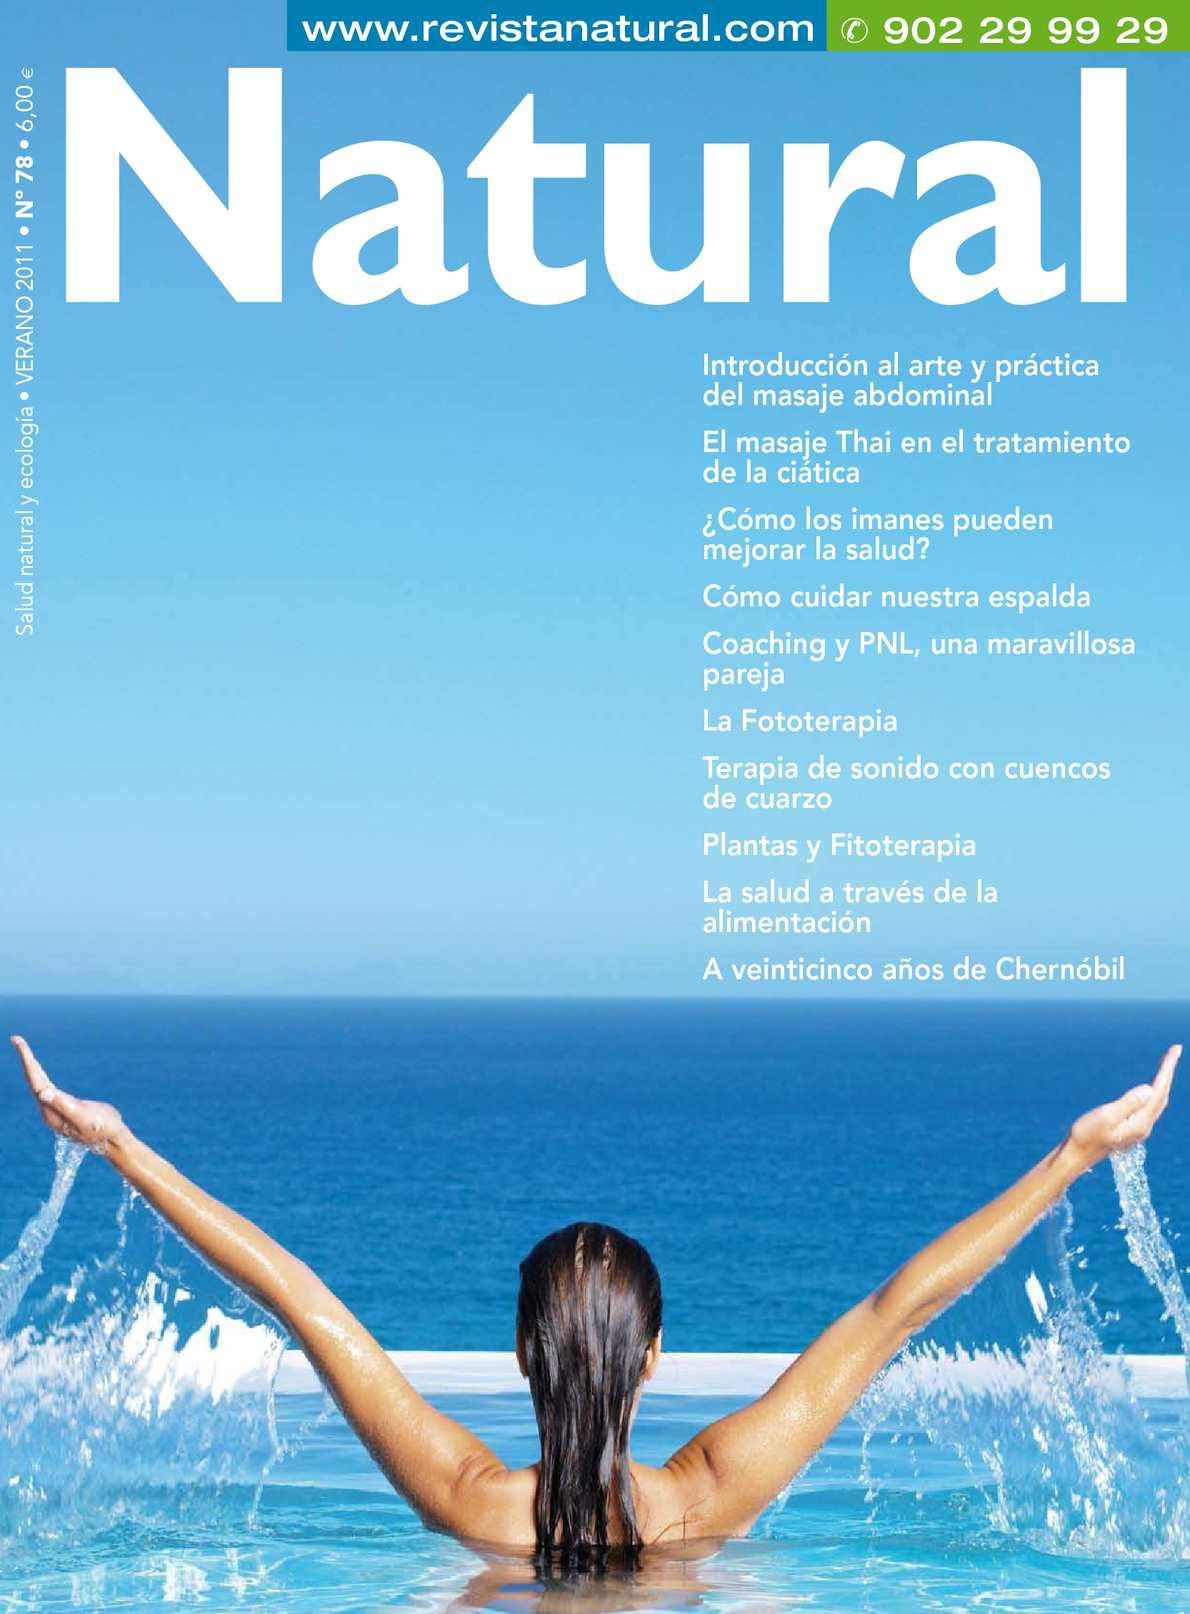 Natural 78